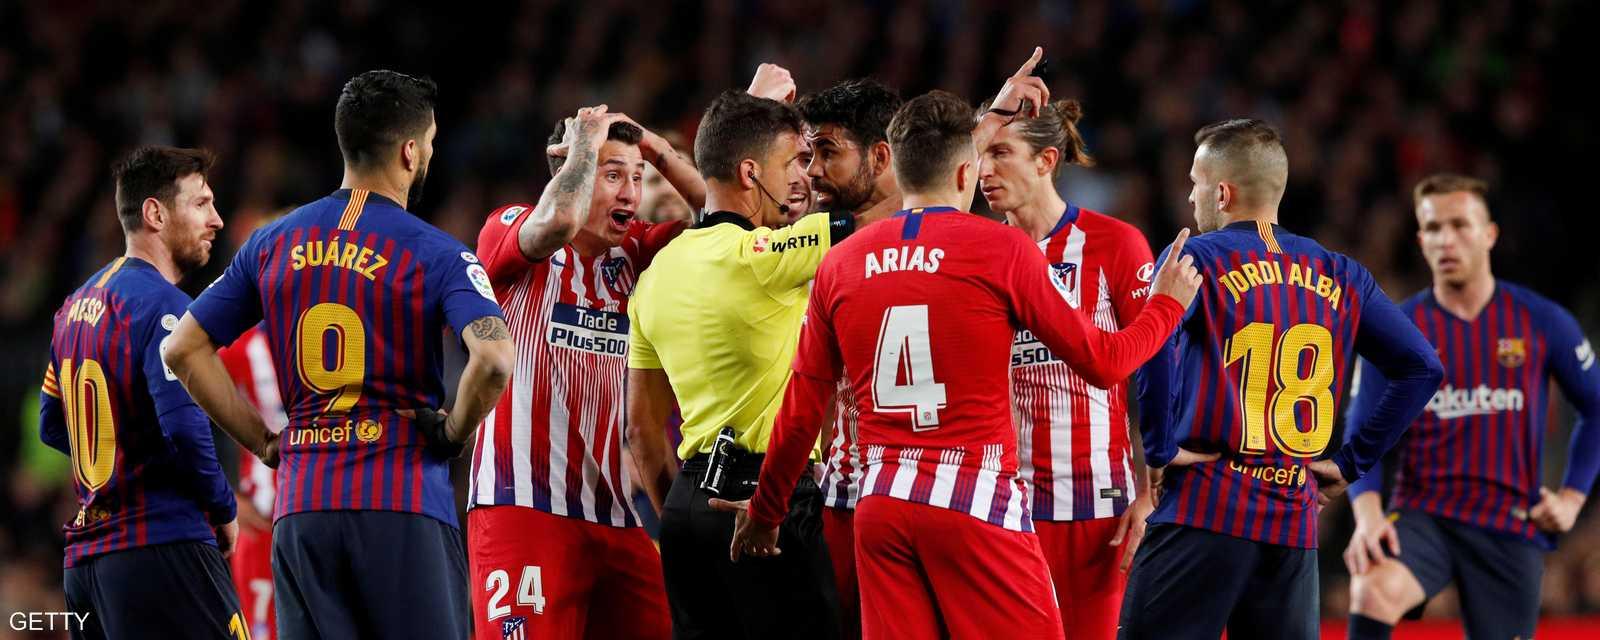 طرد المهاجم دييغو كوستا خلال مباراة فريقه أتلتيكو مدريد أمام برشلونة، مساء السبت، في الجولة الـ31 من الدوري الإسباني.